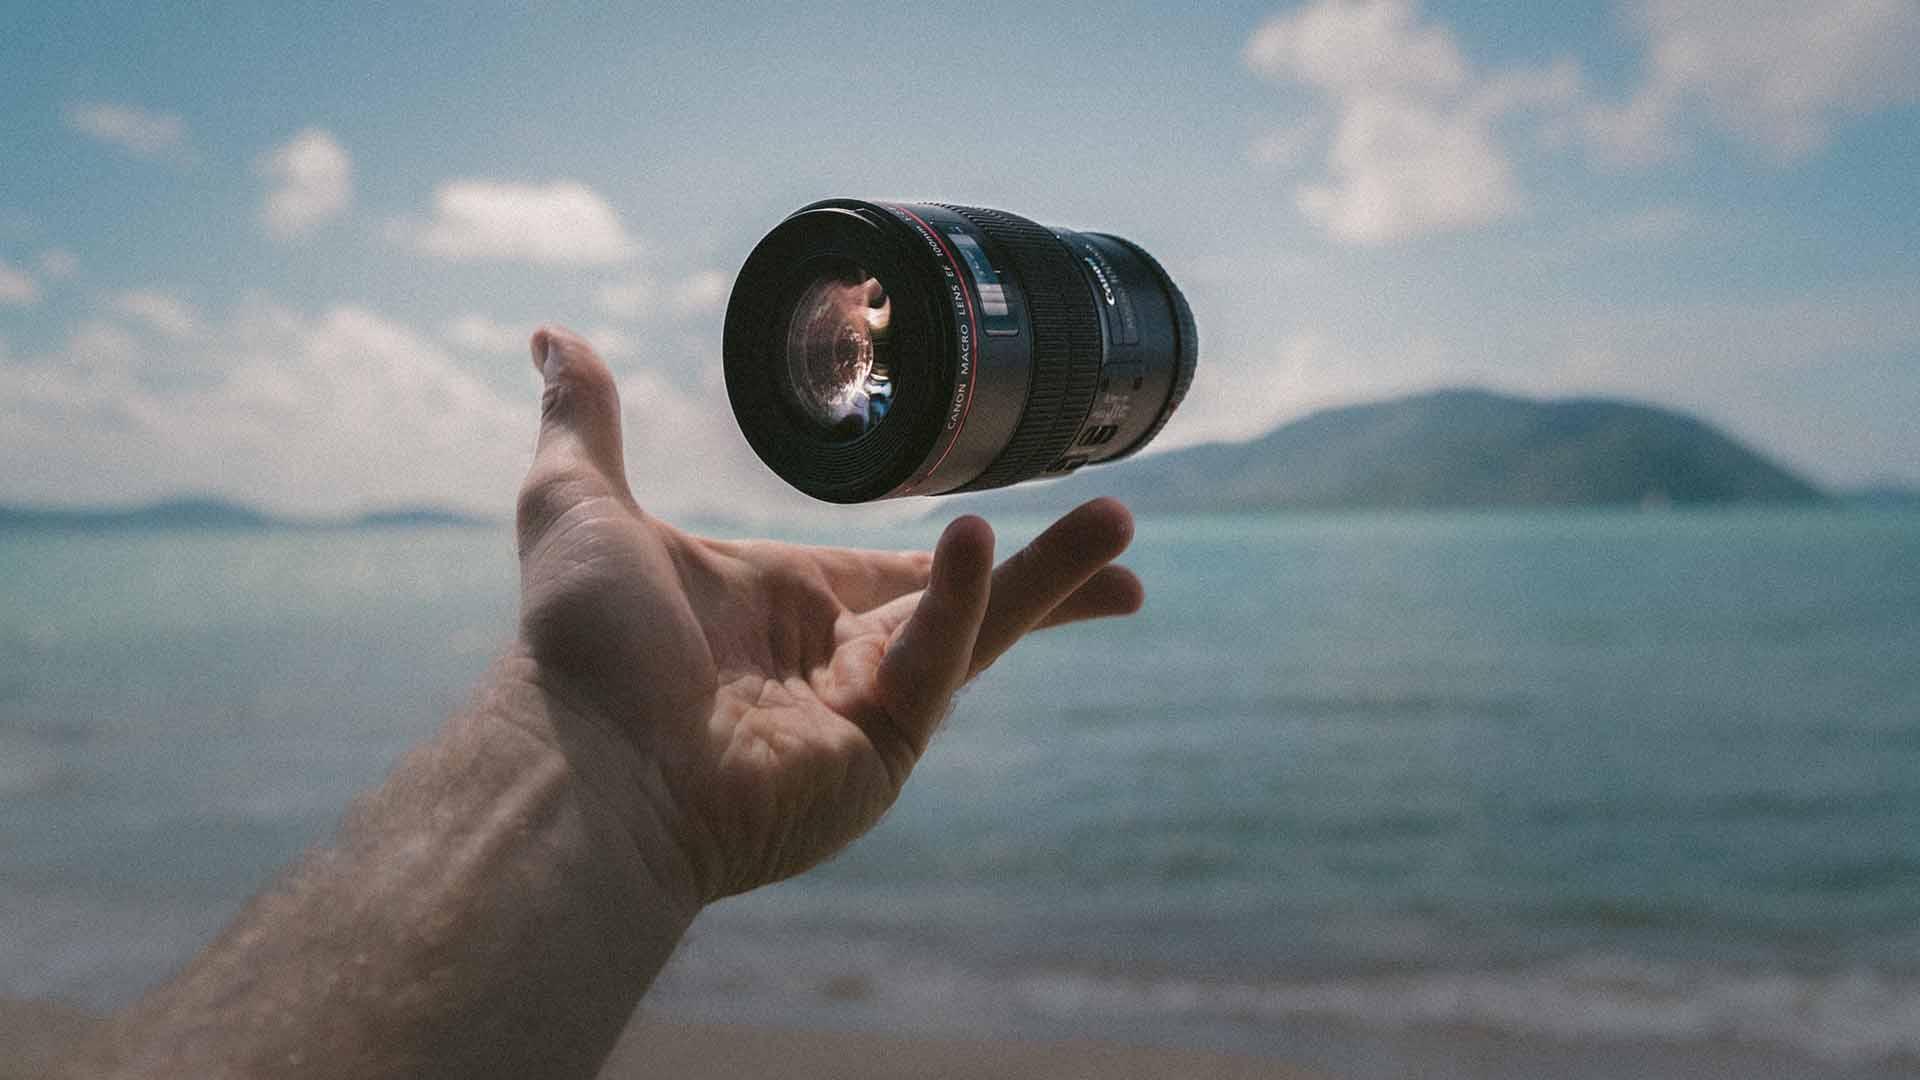 Hvordan skriver man en ansøgning som fotograf?